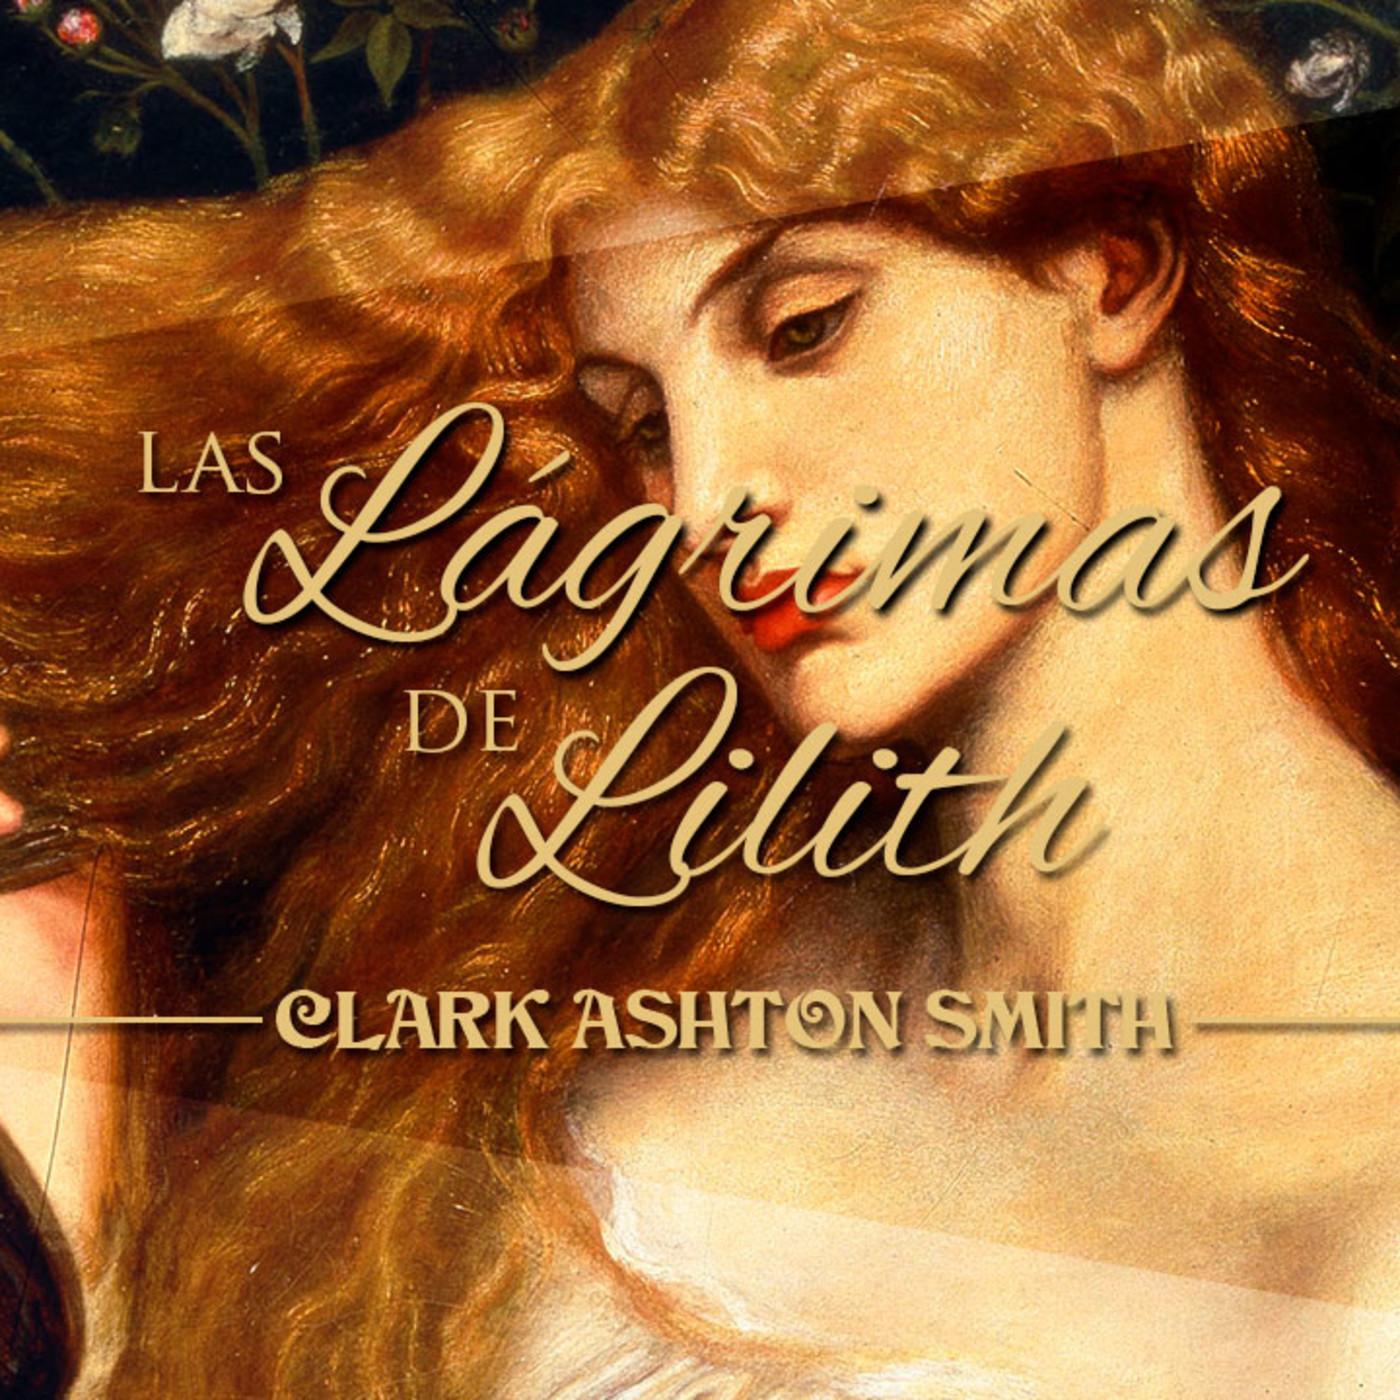 Las lágrimas de Lilith, de Clark Ashton Smith (recitado por El abuelo Kraken)